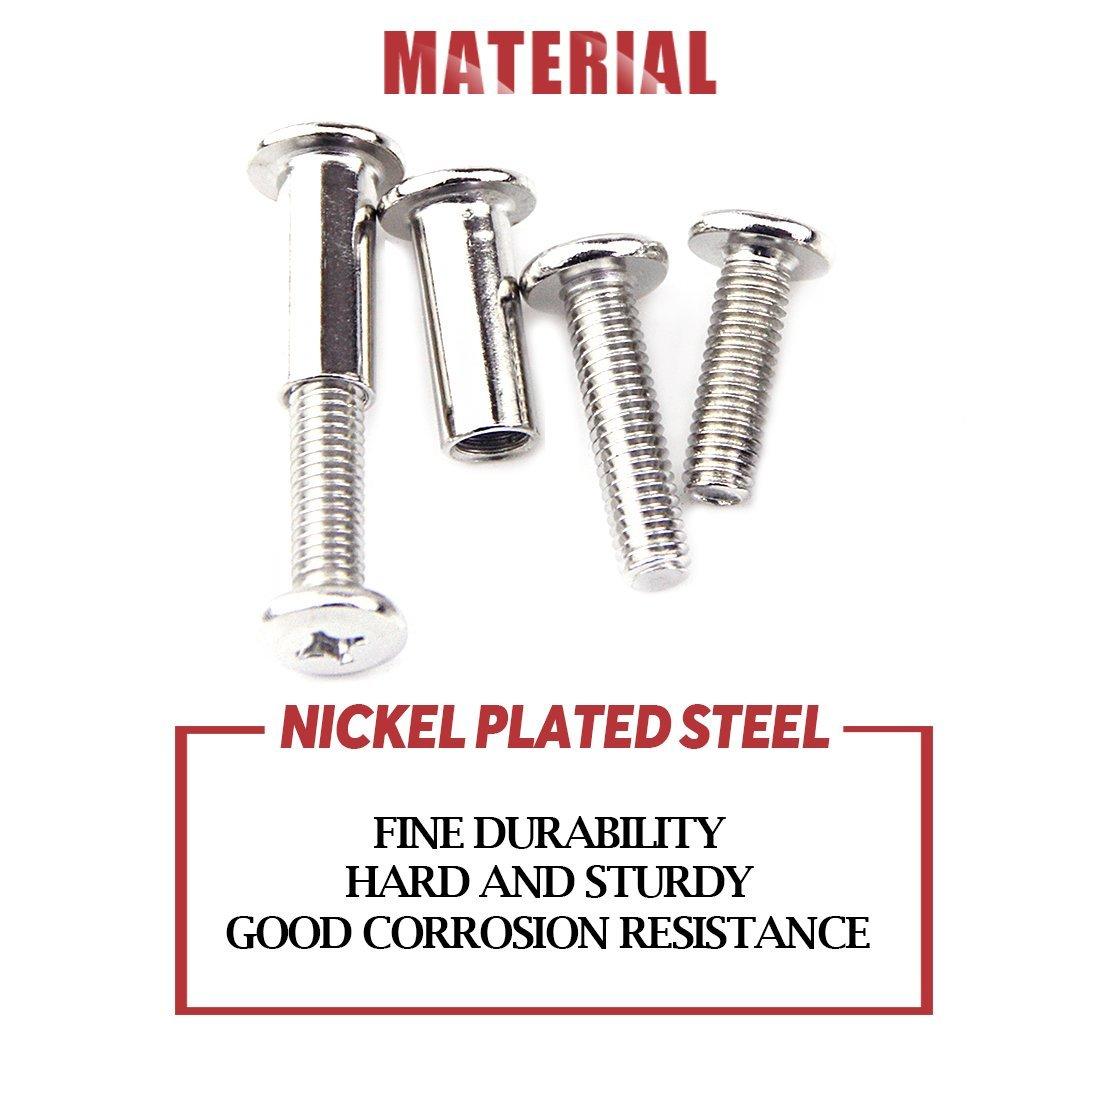 Hilitchi 120-Pcs M6 x 25//35 75mm Rivet Phillip Countersunk Head Screws Bolts Dowel Barrel Nuts Assortment Kit for Furniture Hardware Fitting 65 45//55